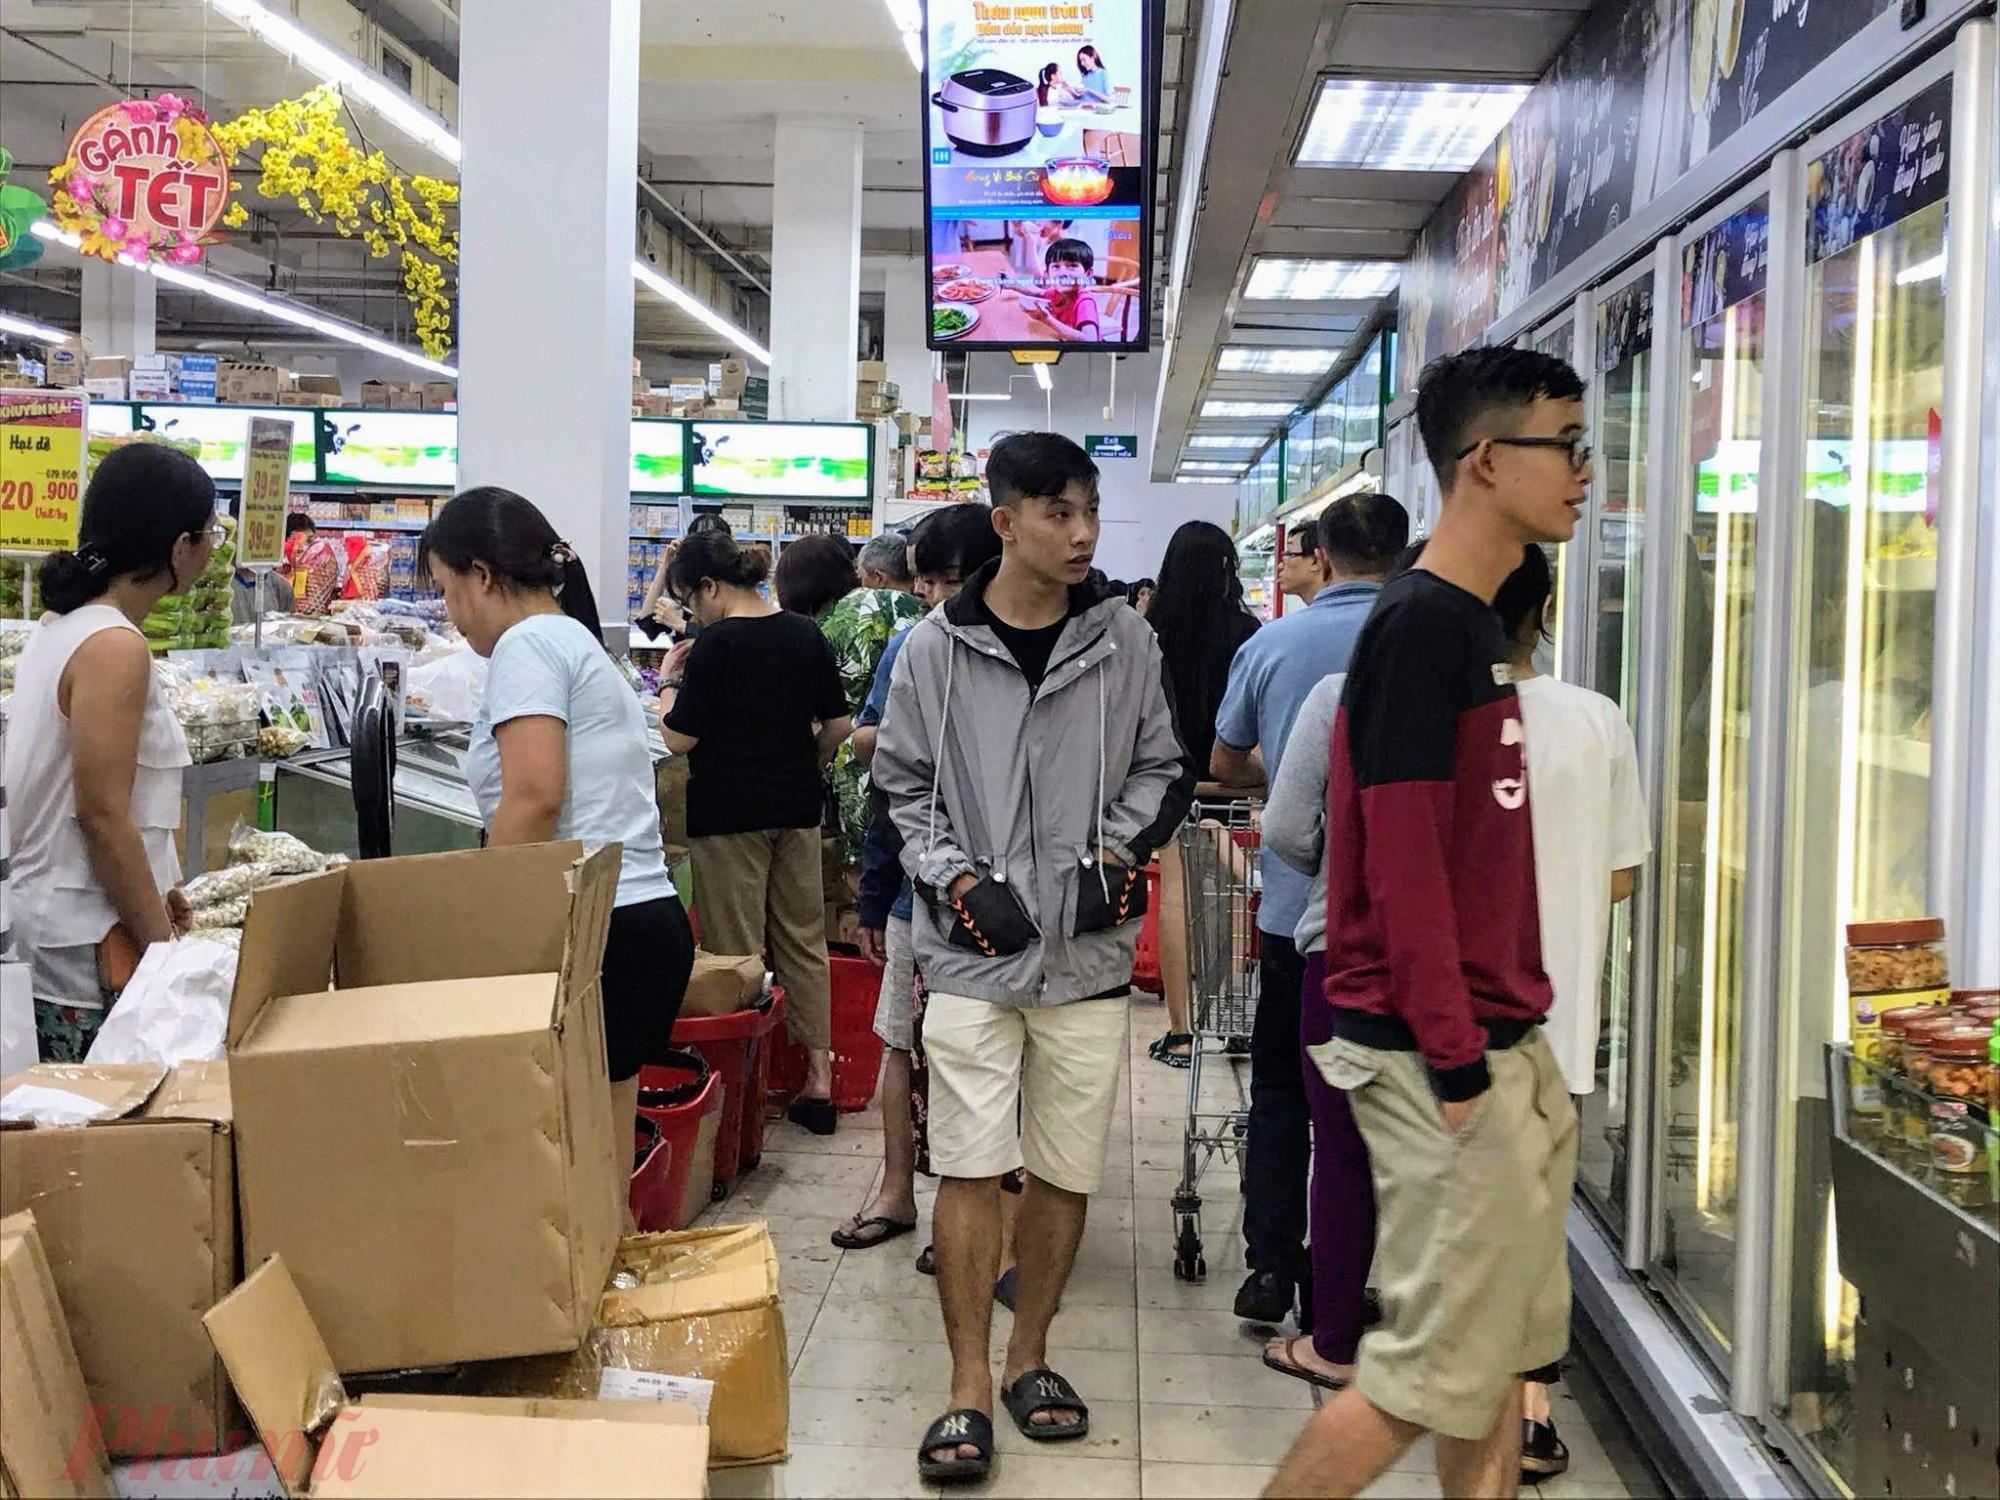 Theo như thông báo của các siêu thị tại TPHCM, hầu như các siêu thị đều mở cửa đến 12h trưa ngày 30 Tết sau đó nghỉ đến mùng 2 Tết bắt đầu mở bán lại.